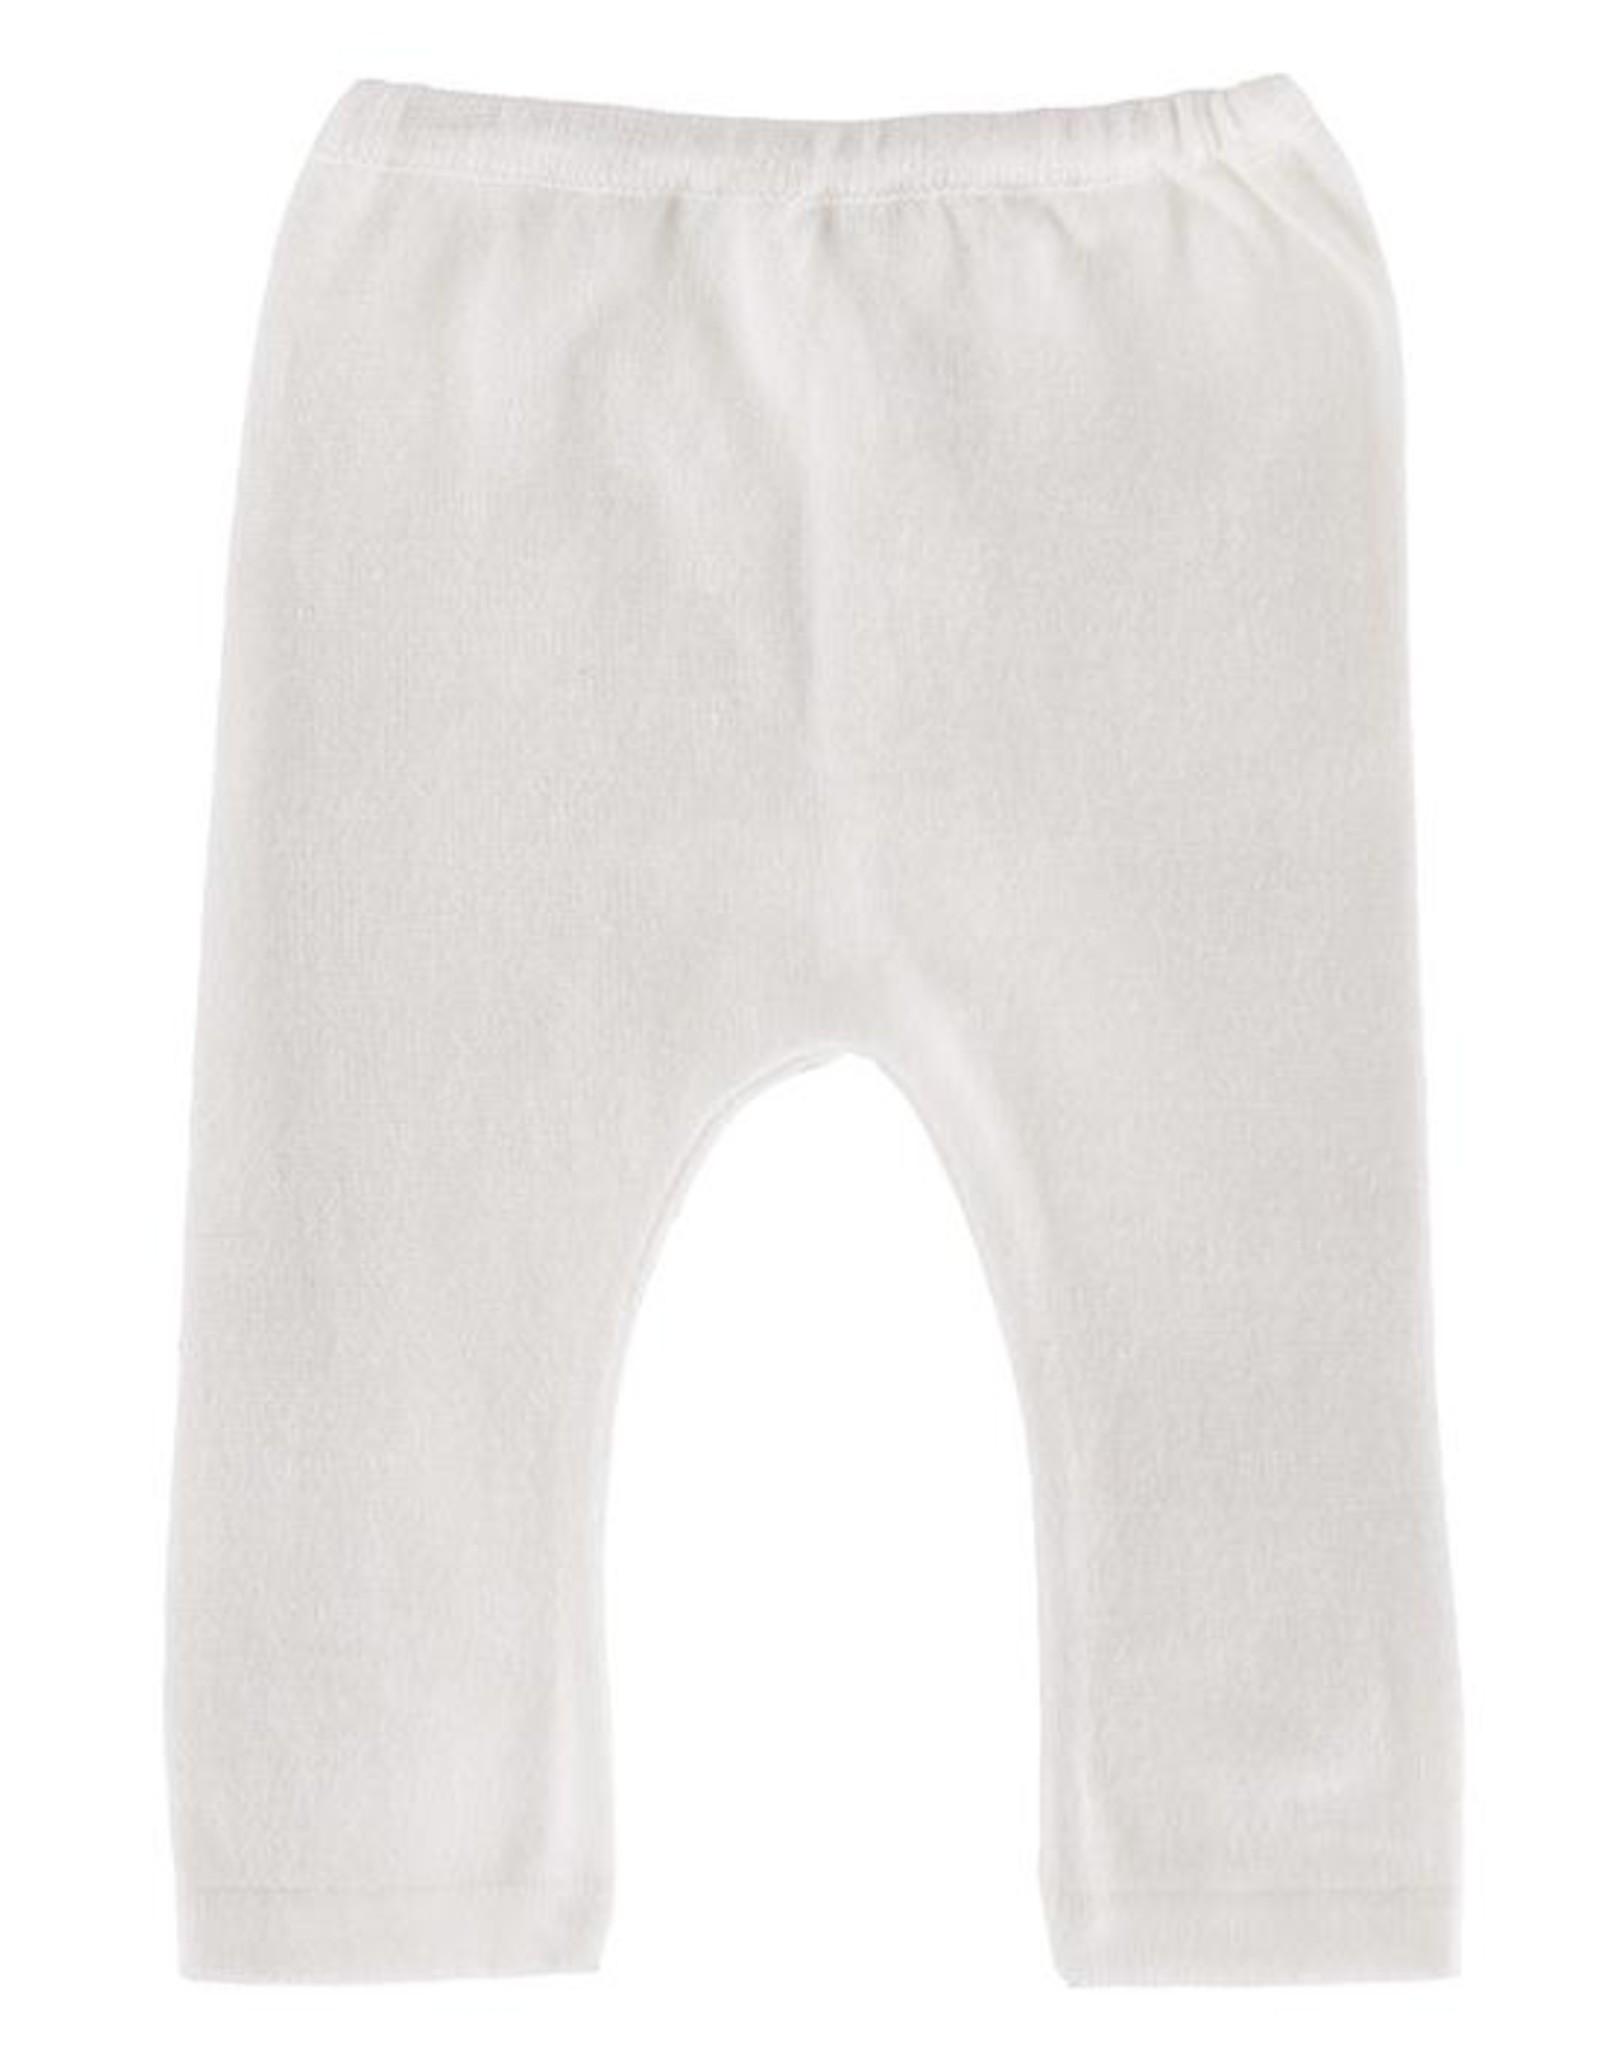 Pequeno Tocon Soft Pants